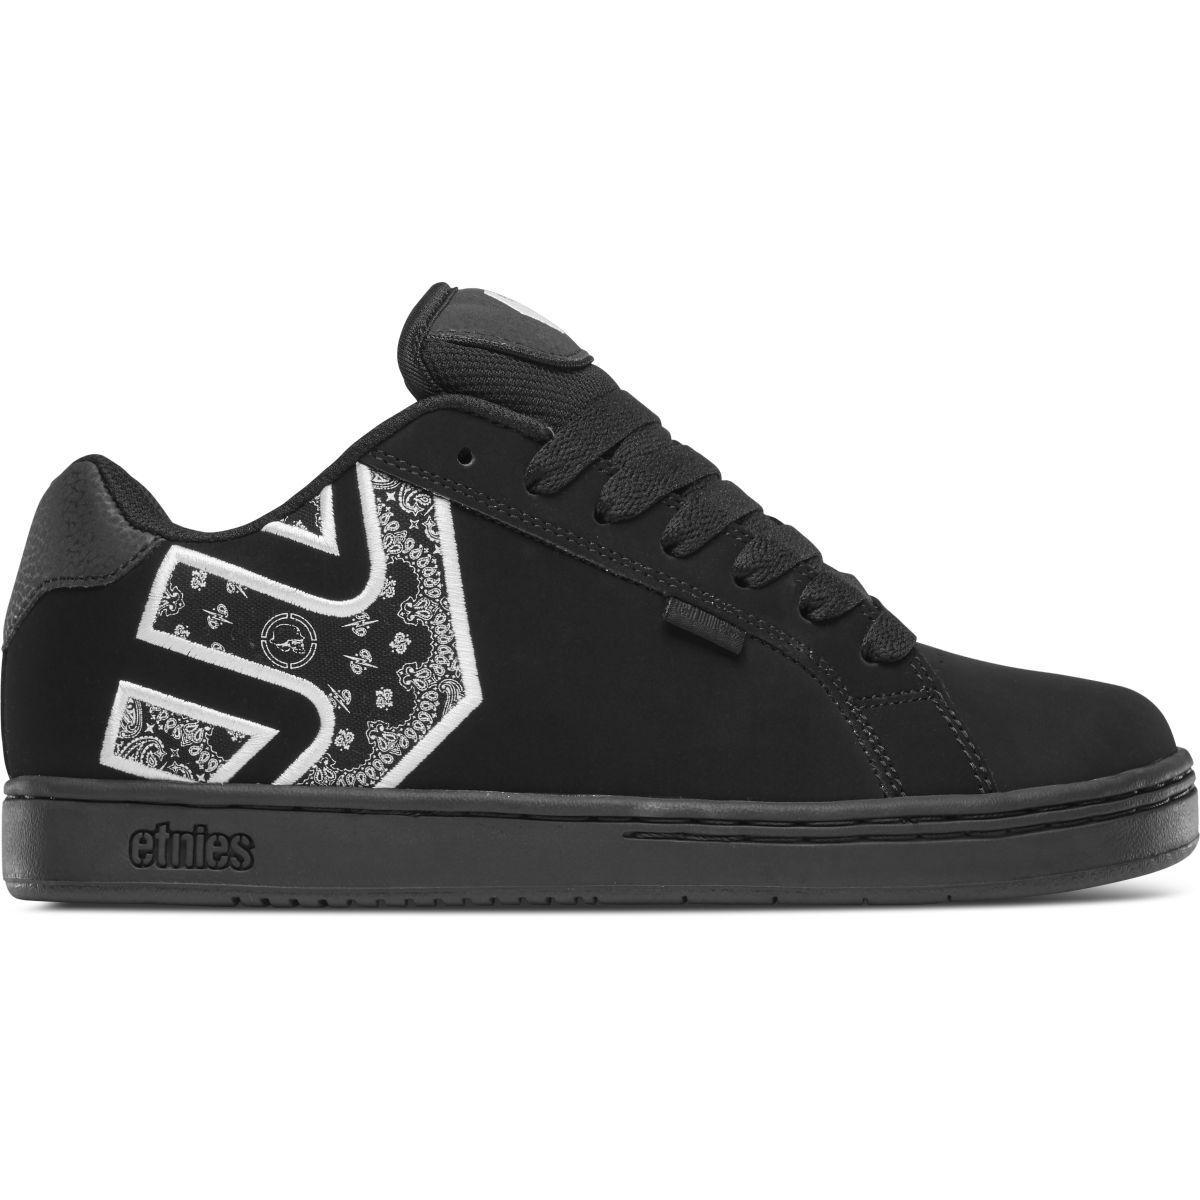 Etnies Nouveau Homme Metal Mulisha Fader Chaussures Noir Blanc Bnwt